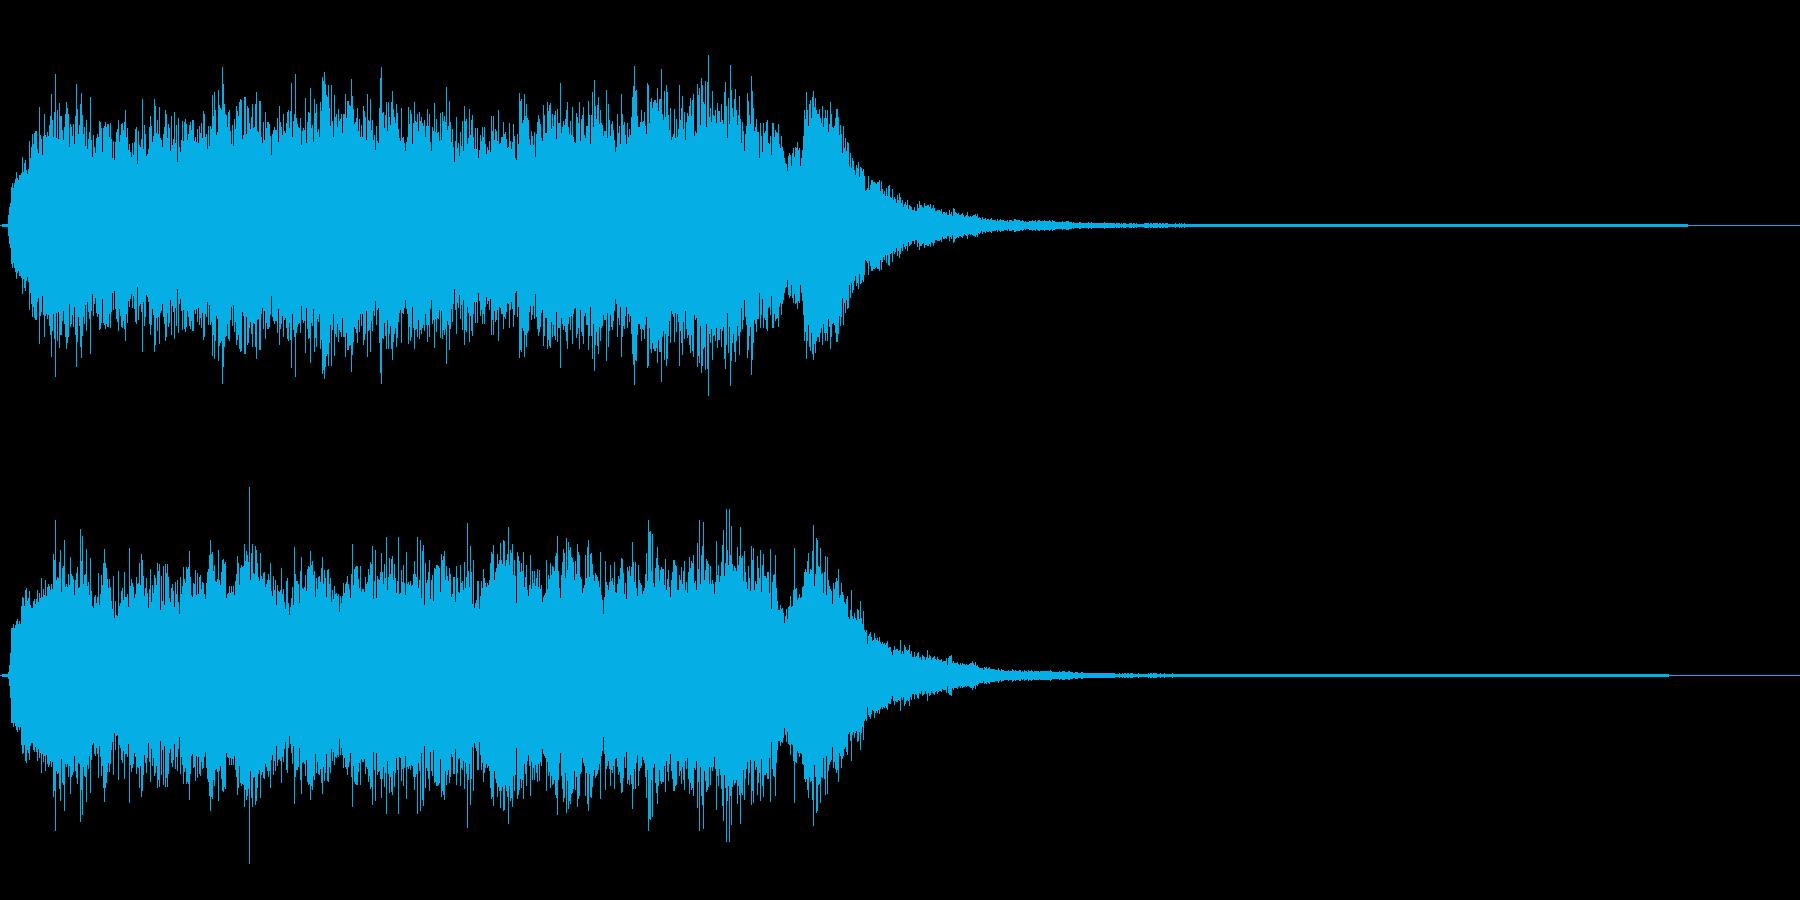 アトラクションが動き出す効果音の再生済みの波形